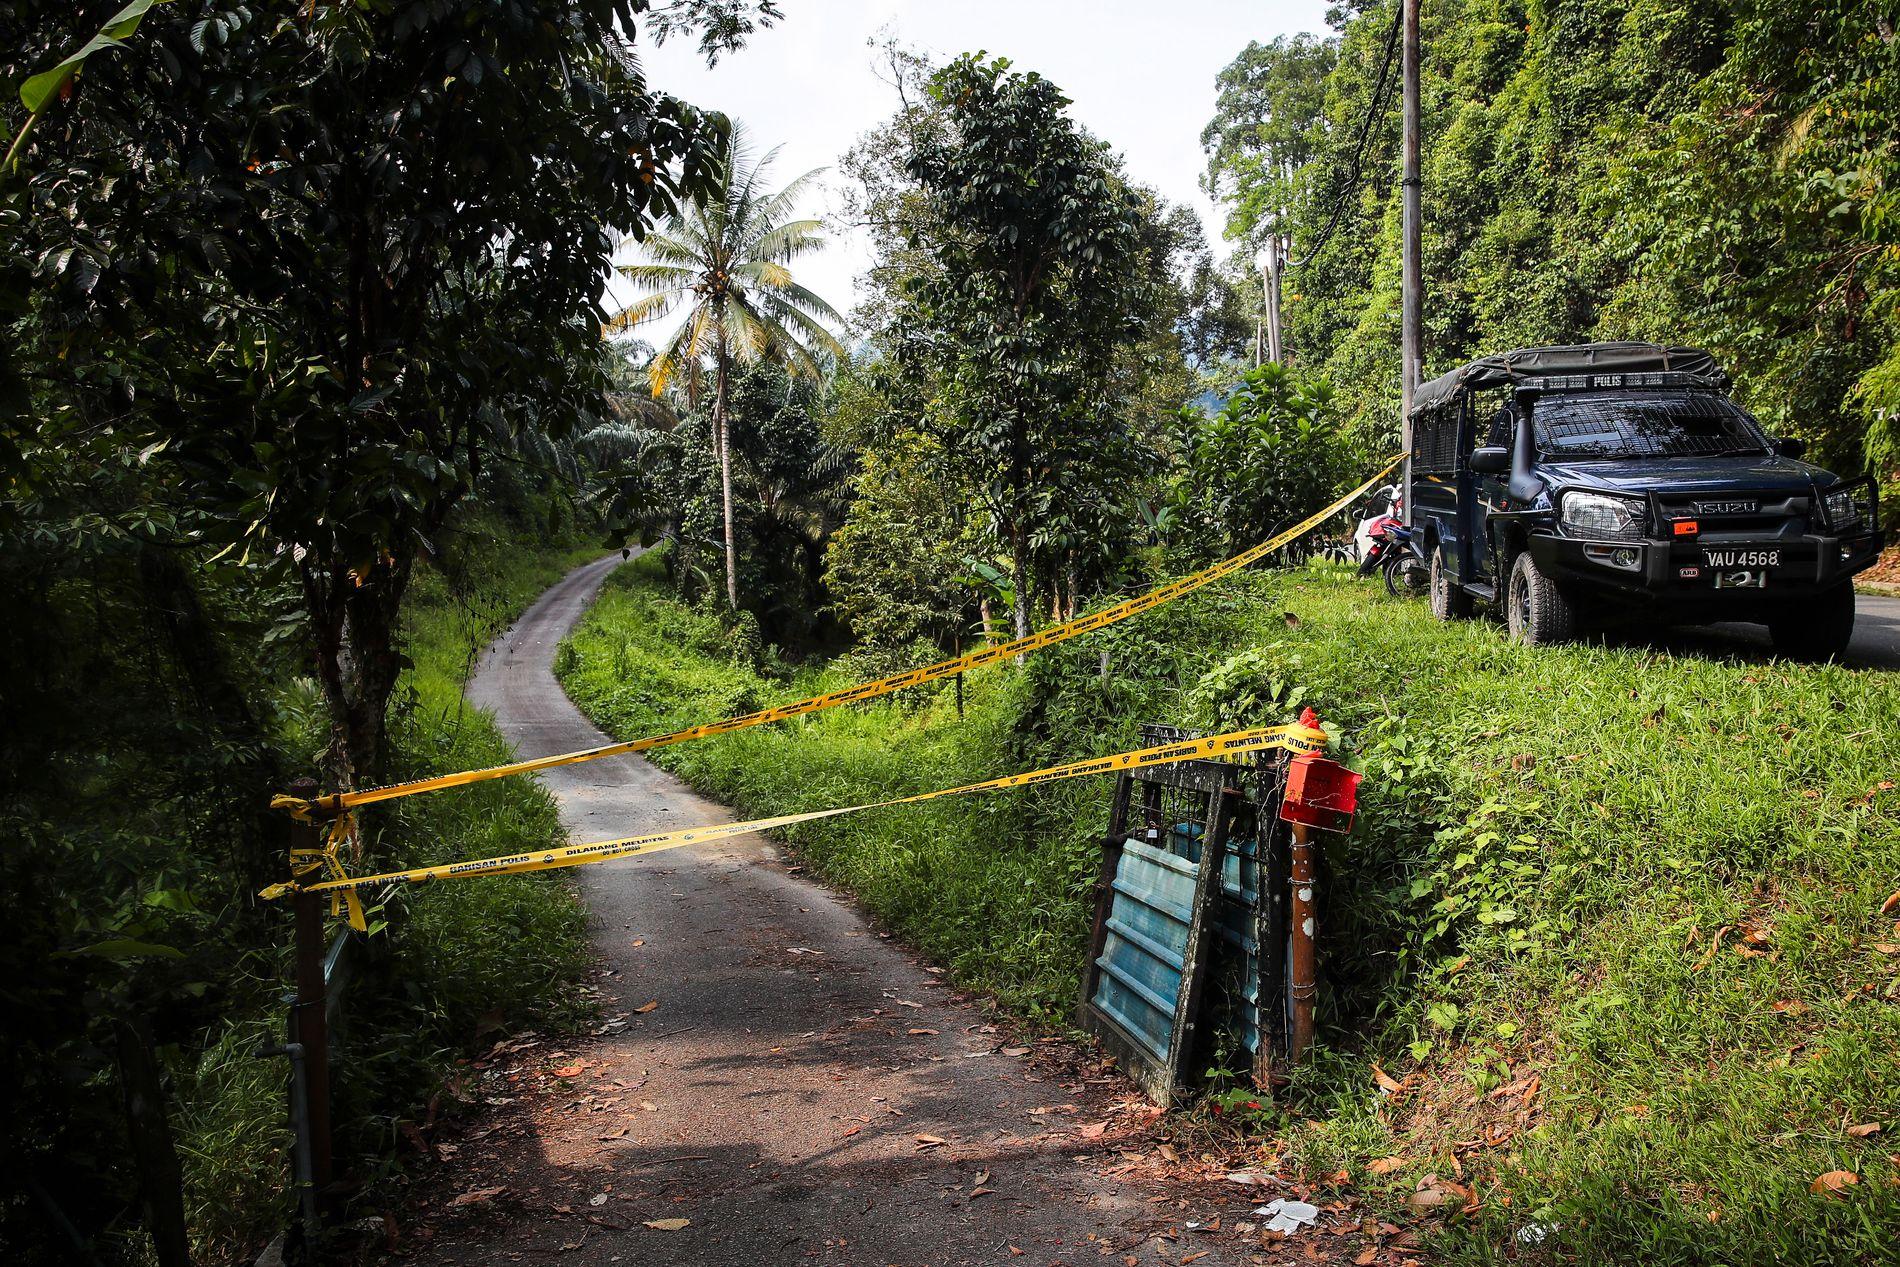 LETEAKSJON: Politiet sperret tirsdag av veien inn i søkeområdet.